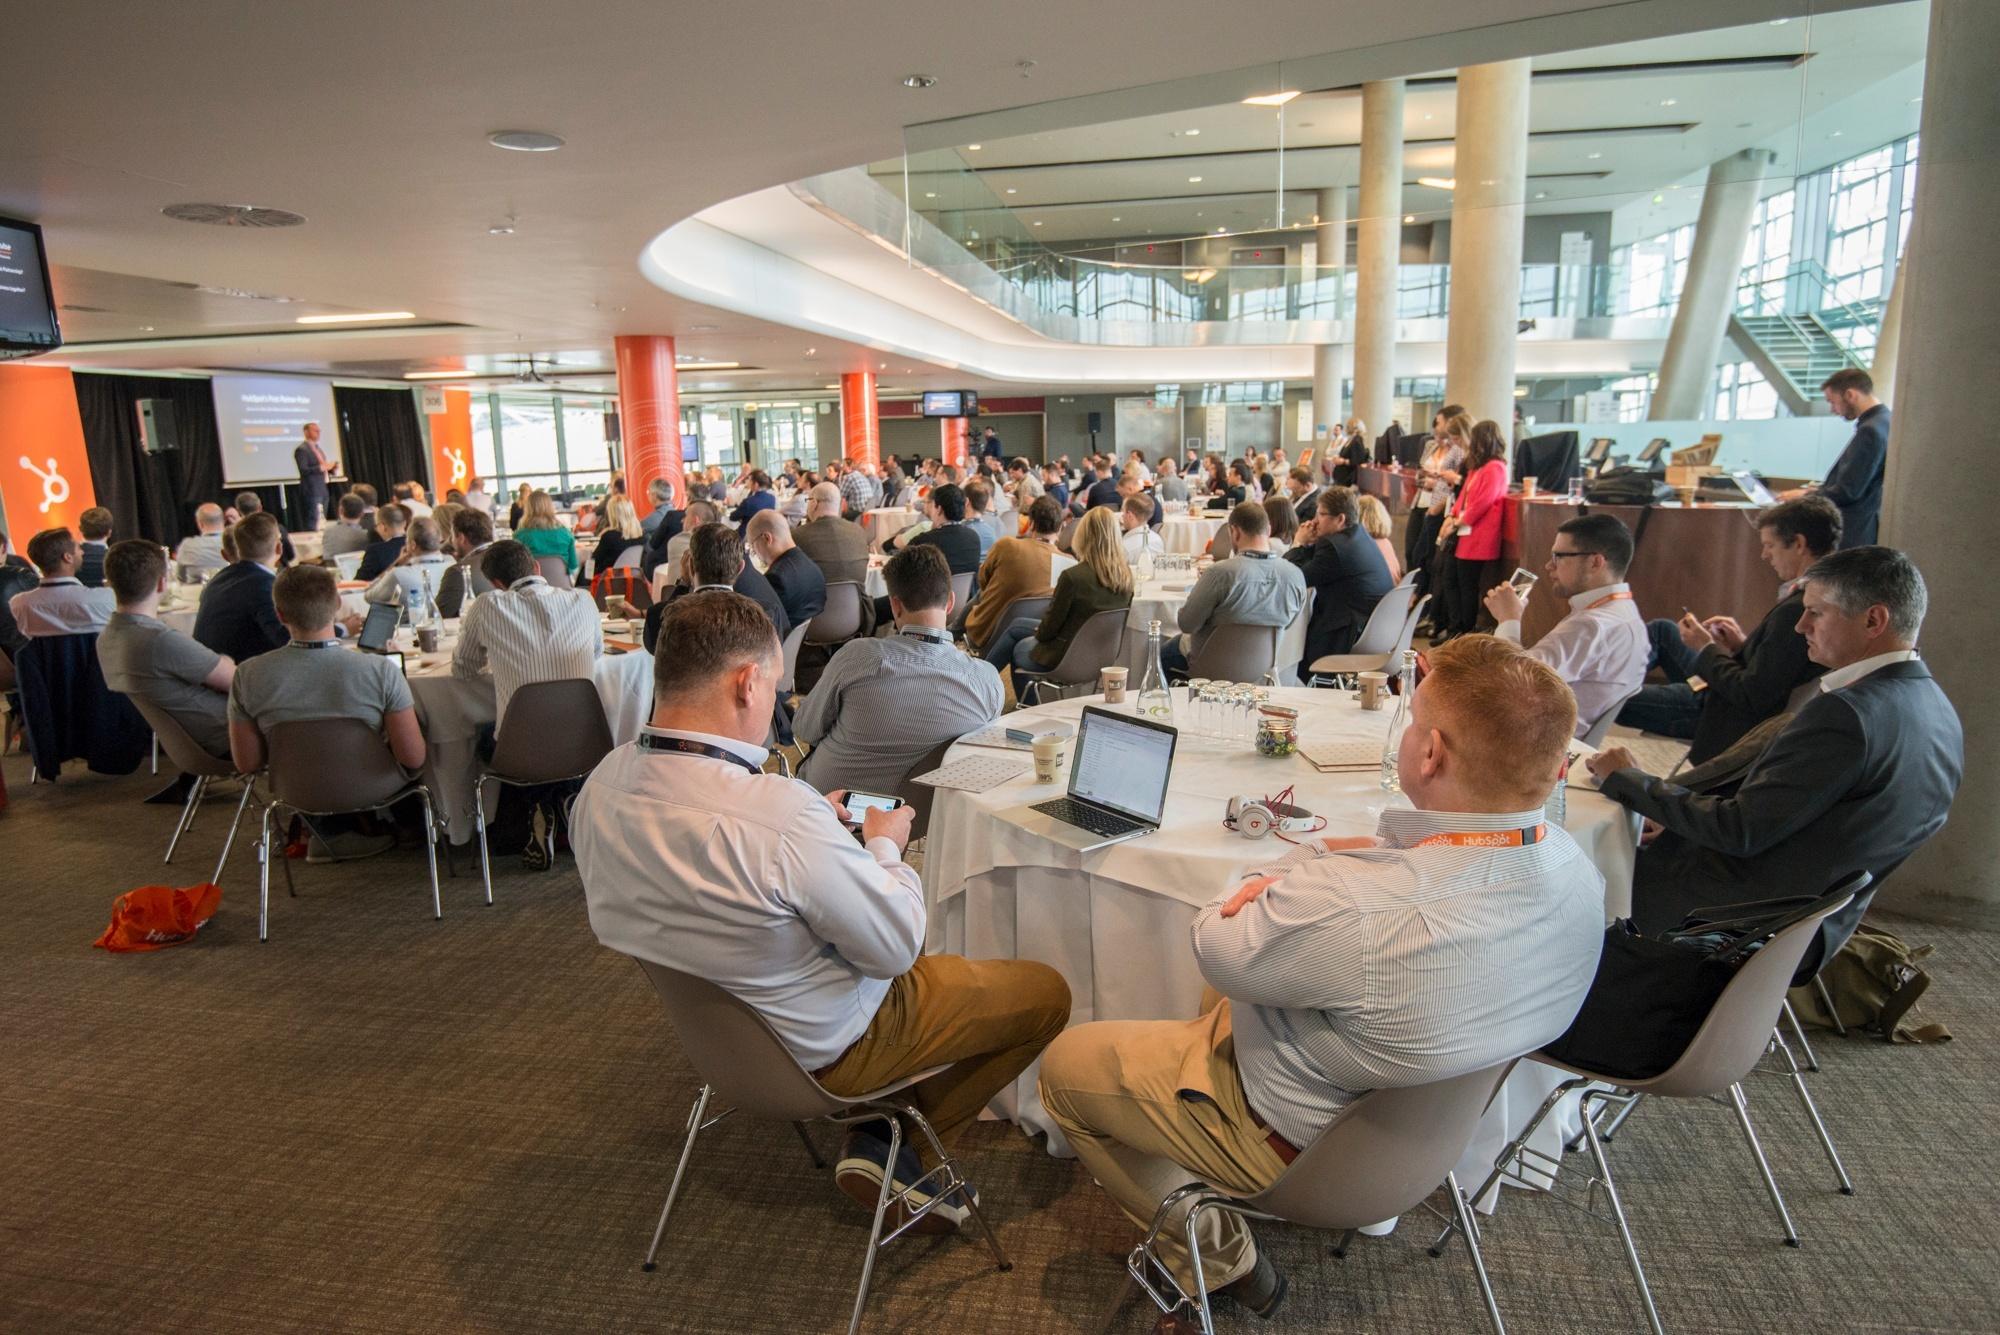 DM&P partecipa al Partner Summit di Hubspot